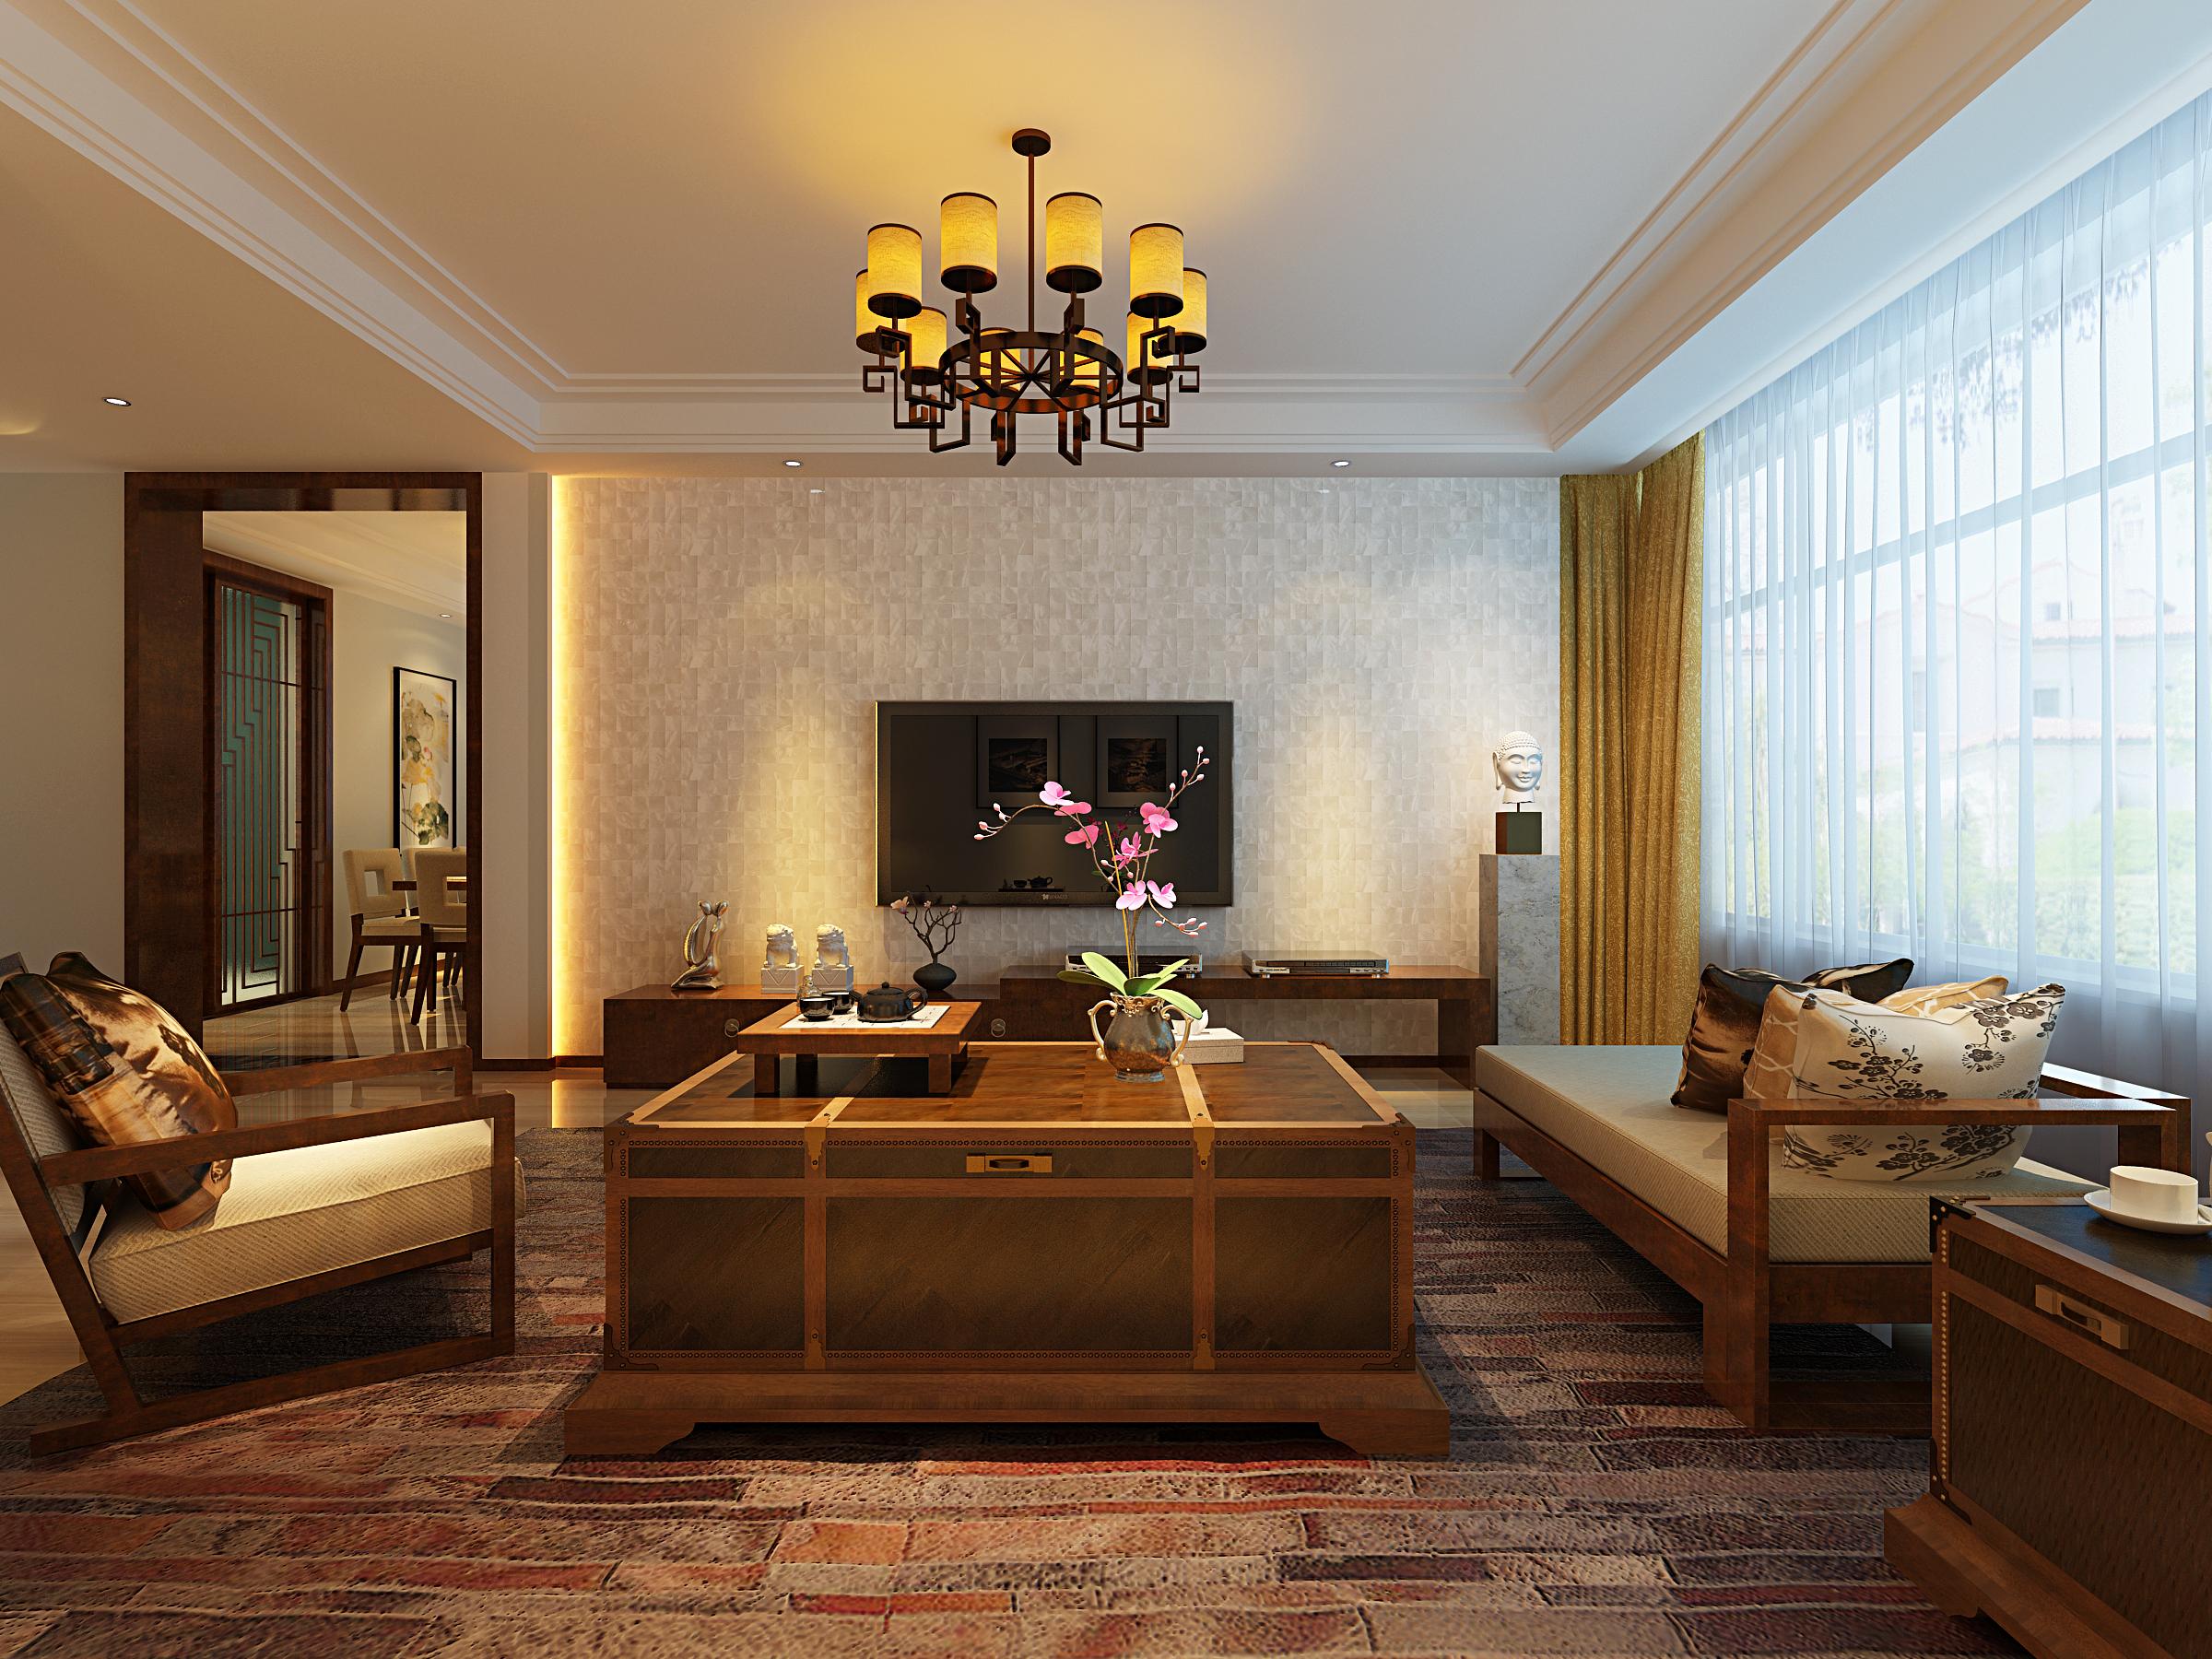 新中式 玉泉 龙苑 客厅图片来自业之峰太原分公司在玉泉龙苑的分享